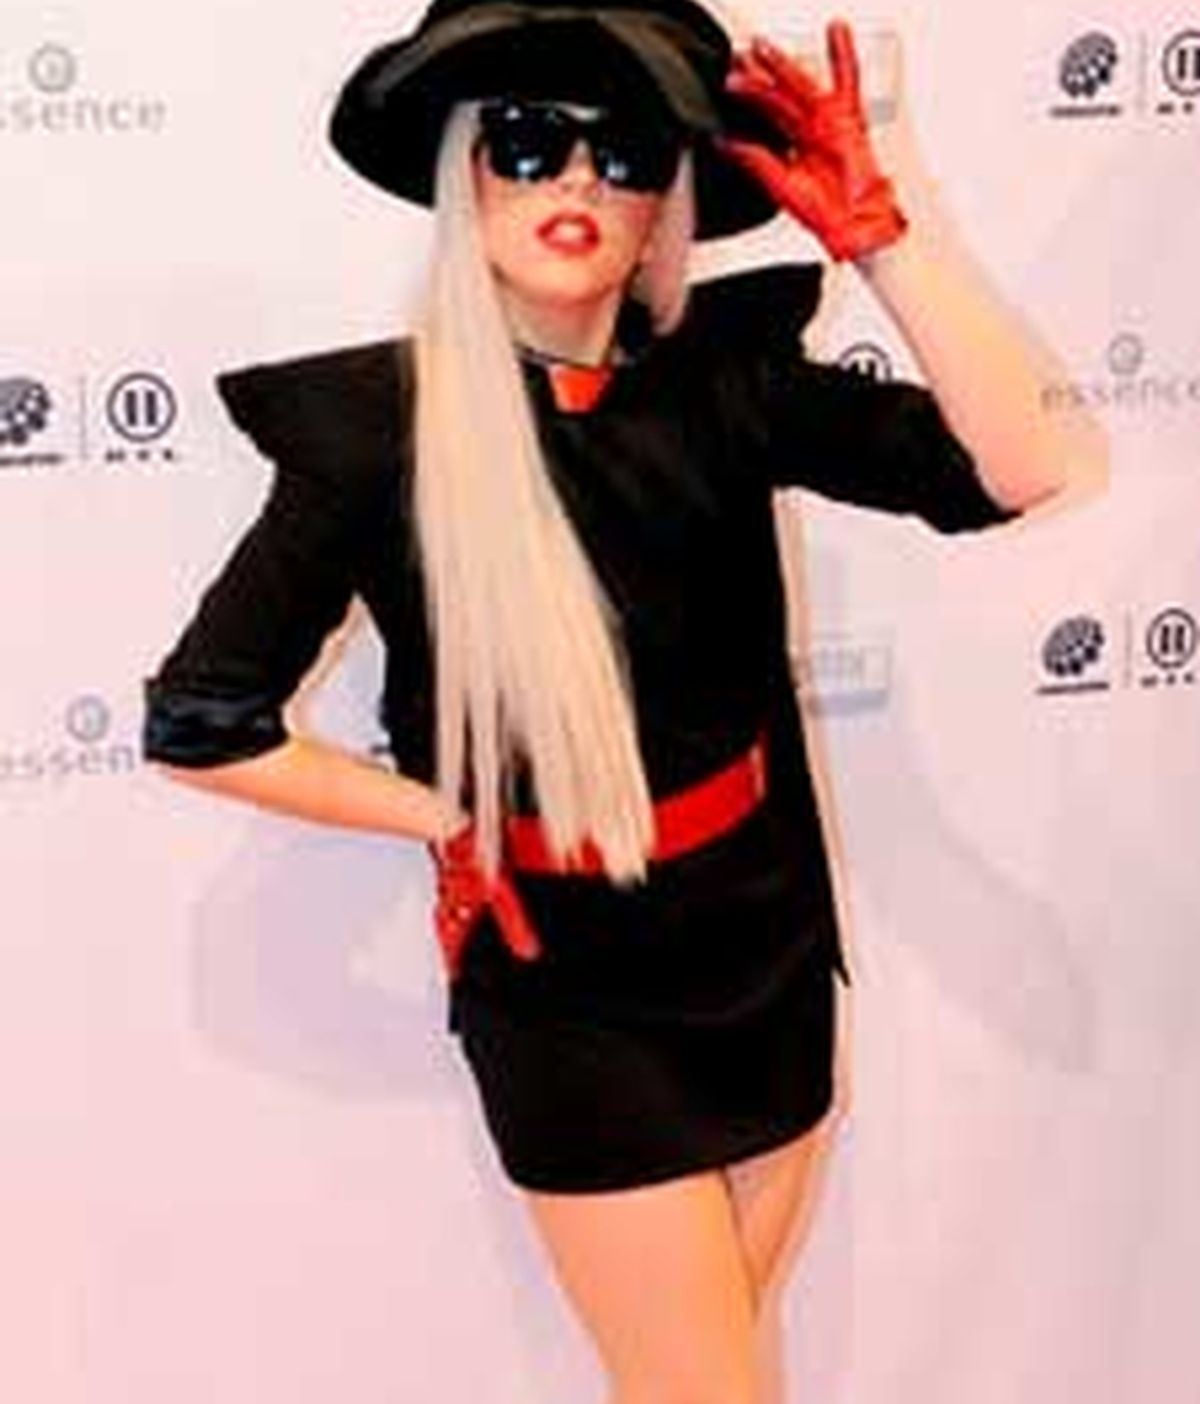 Lady Gaga se encuentra deprimida porque piensa que su físico es muy masculino. FOTO. EFE